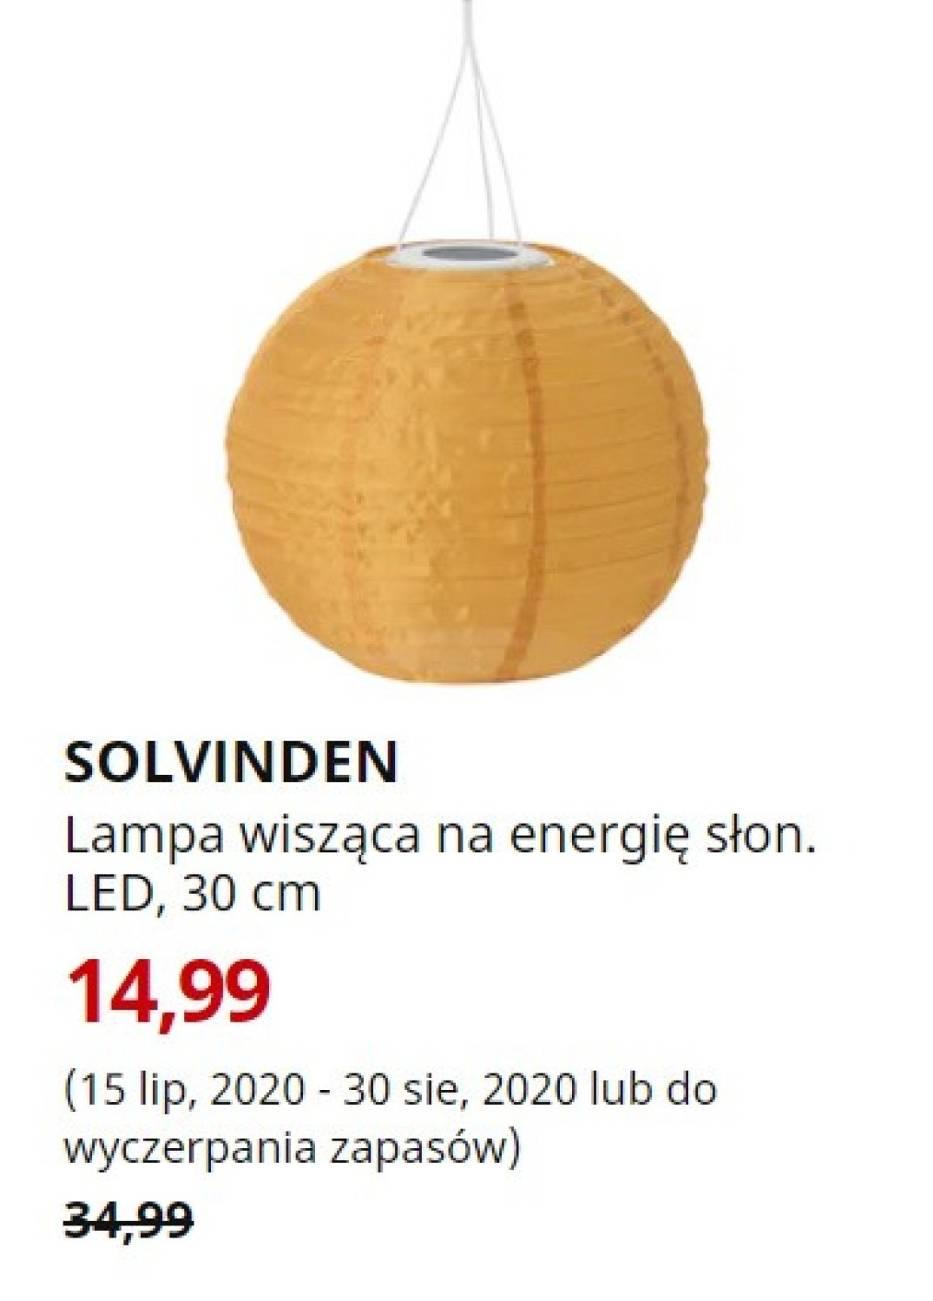 IKEA: duże promocje i wyprzedaże do 70 proc.! Co można kupić taniej lub za grosze? Lista produktów [05.08.2020]